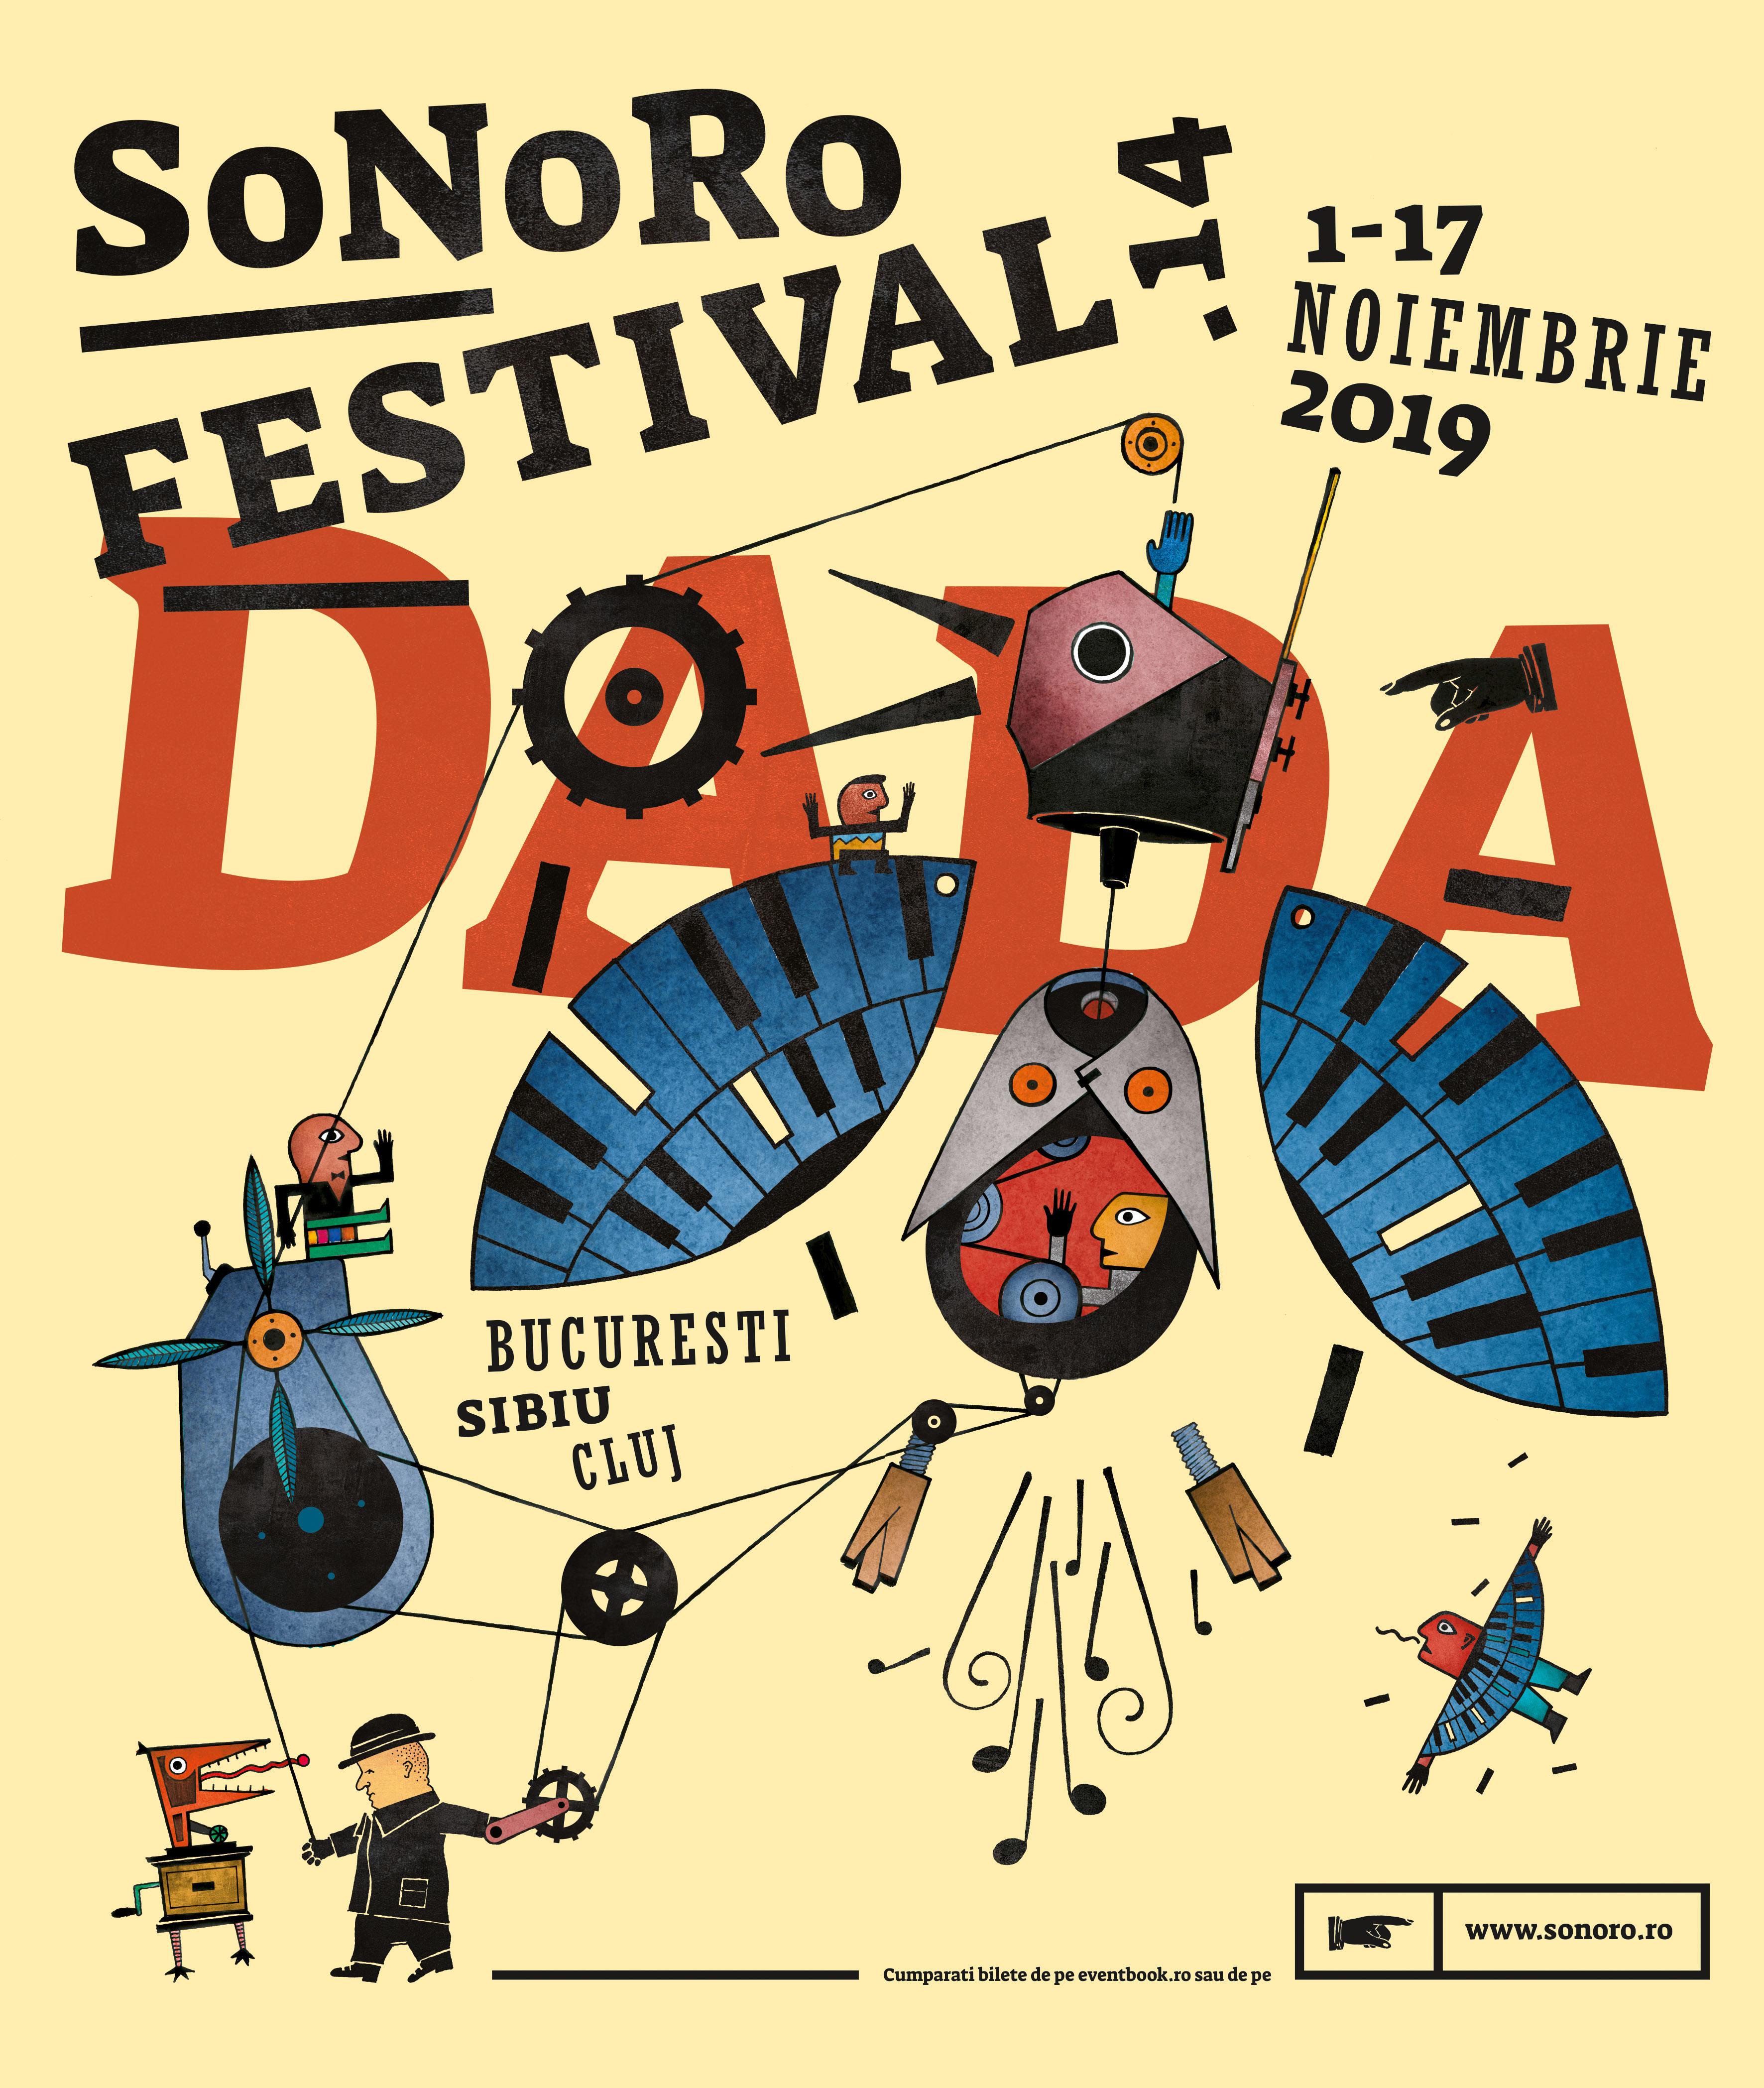 Festivalul SoNoRo XIV DaDa